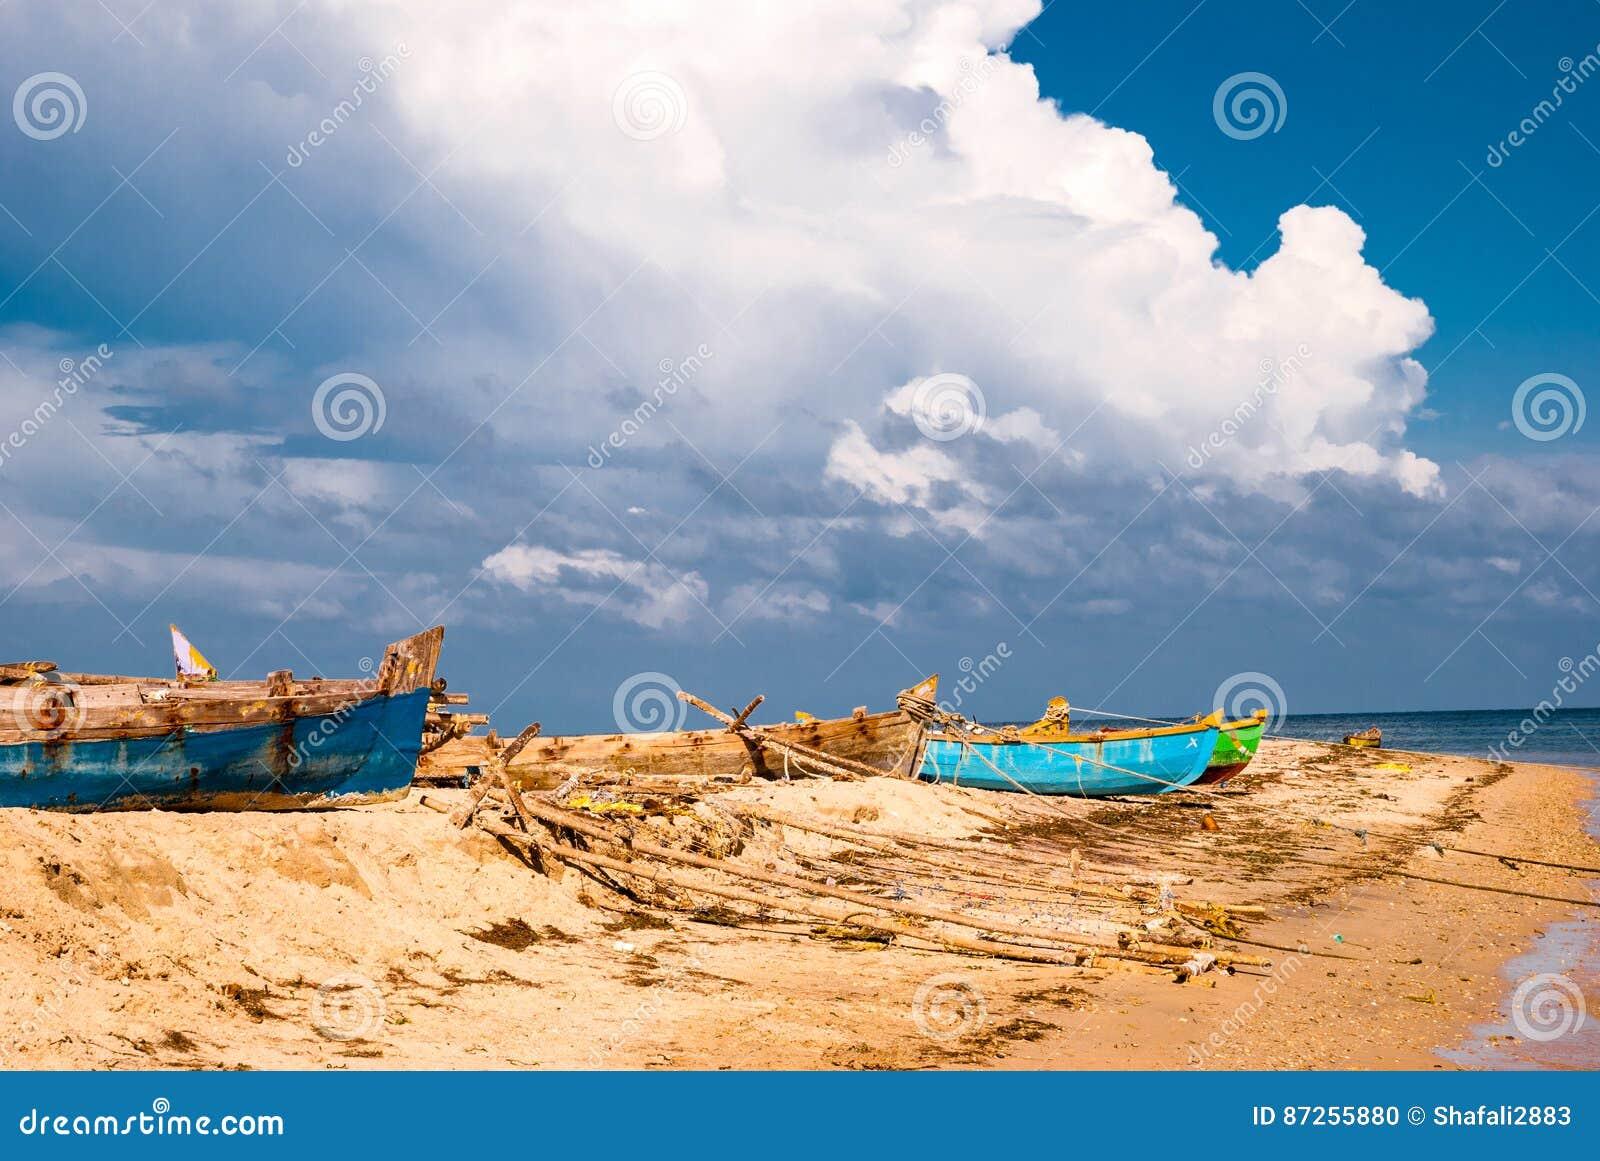 Skälla elliot för staden för den strandbengal chennaien indier s